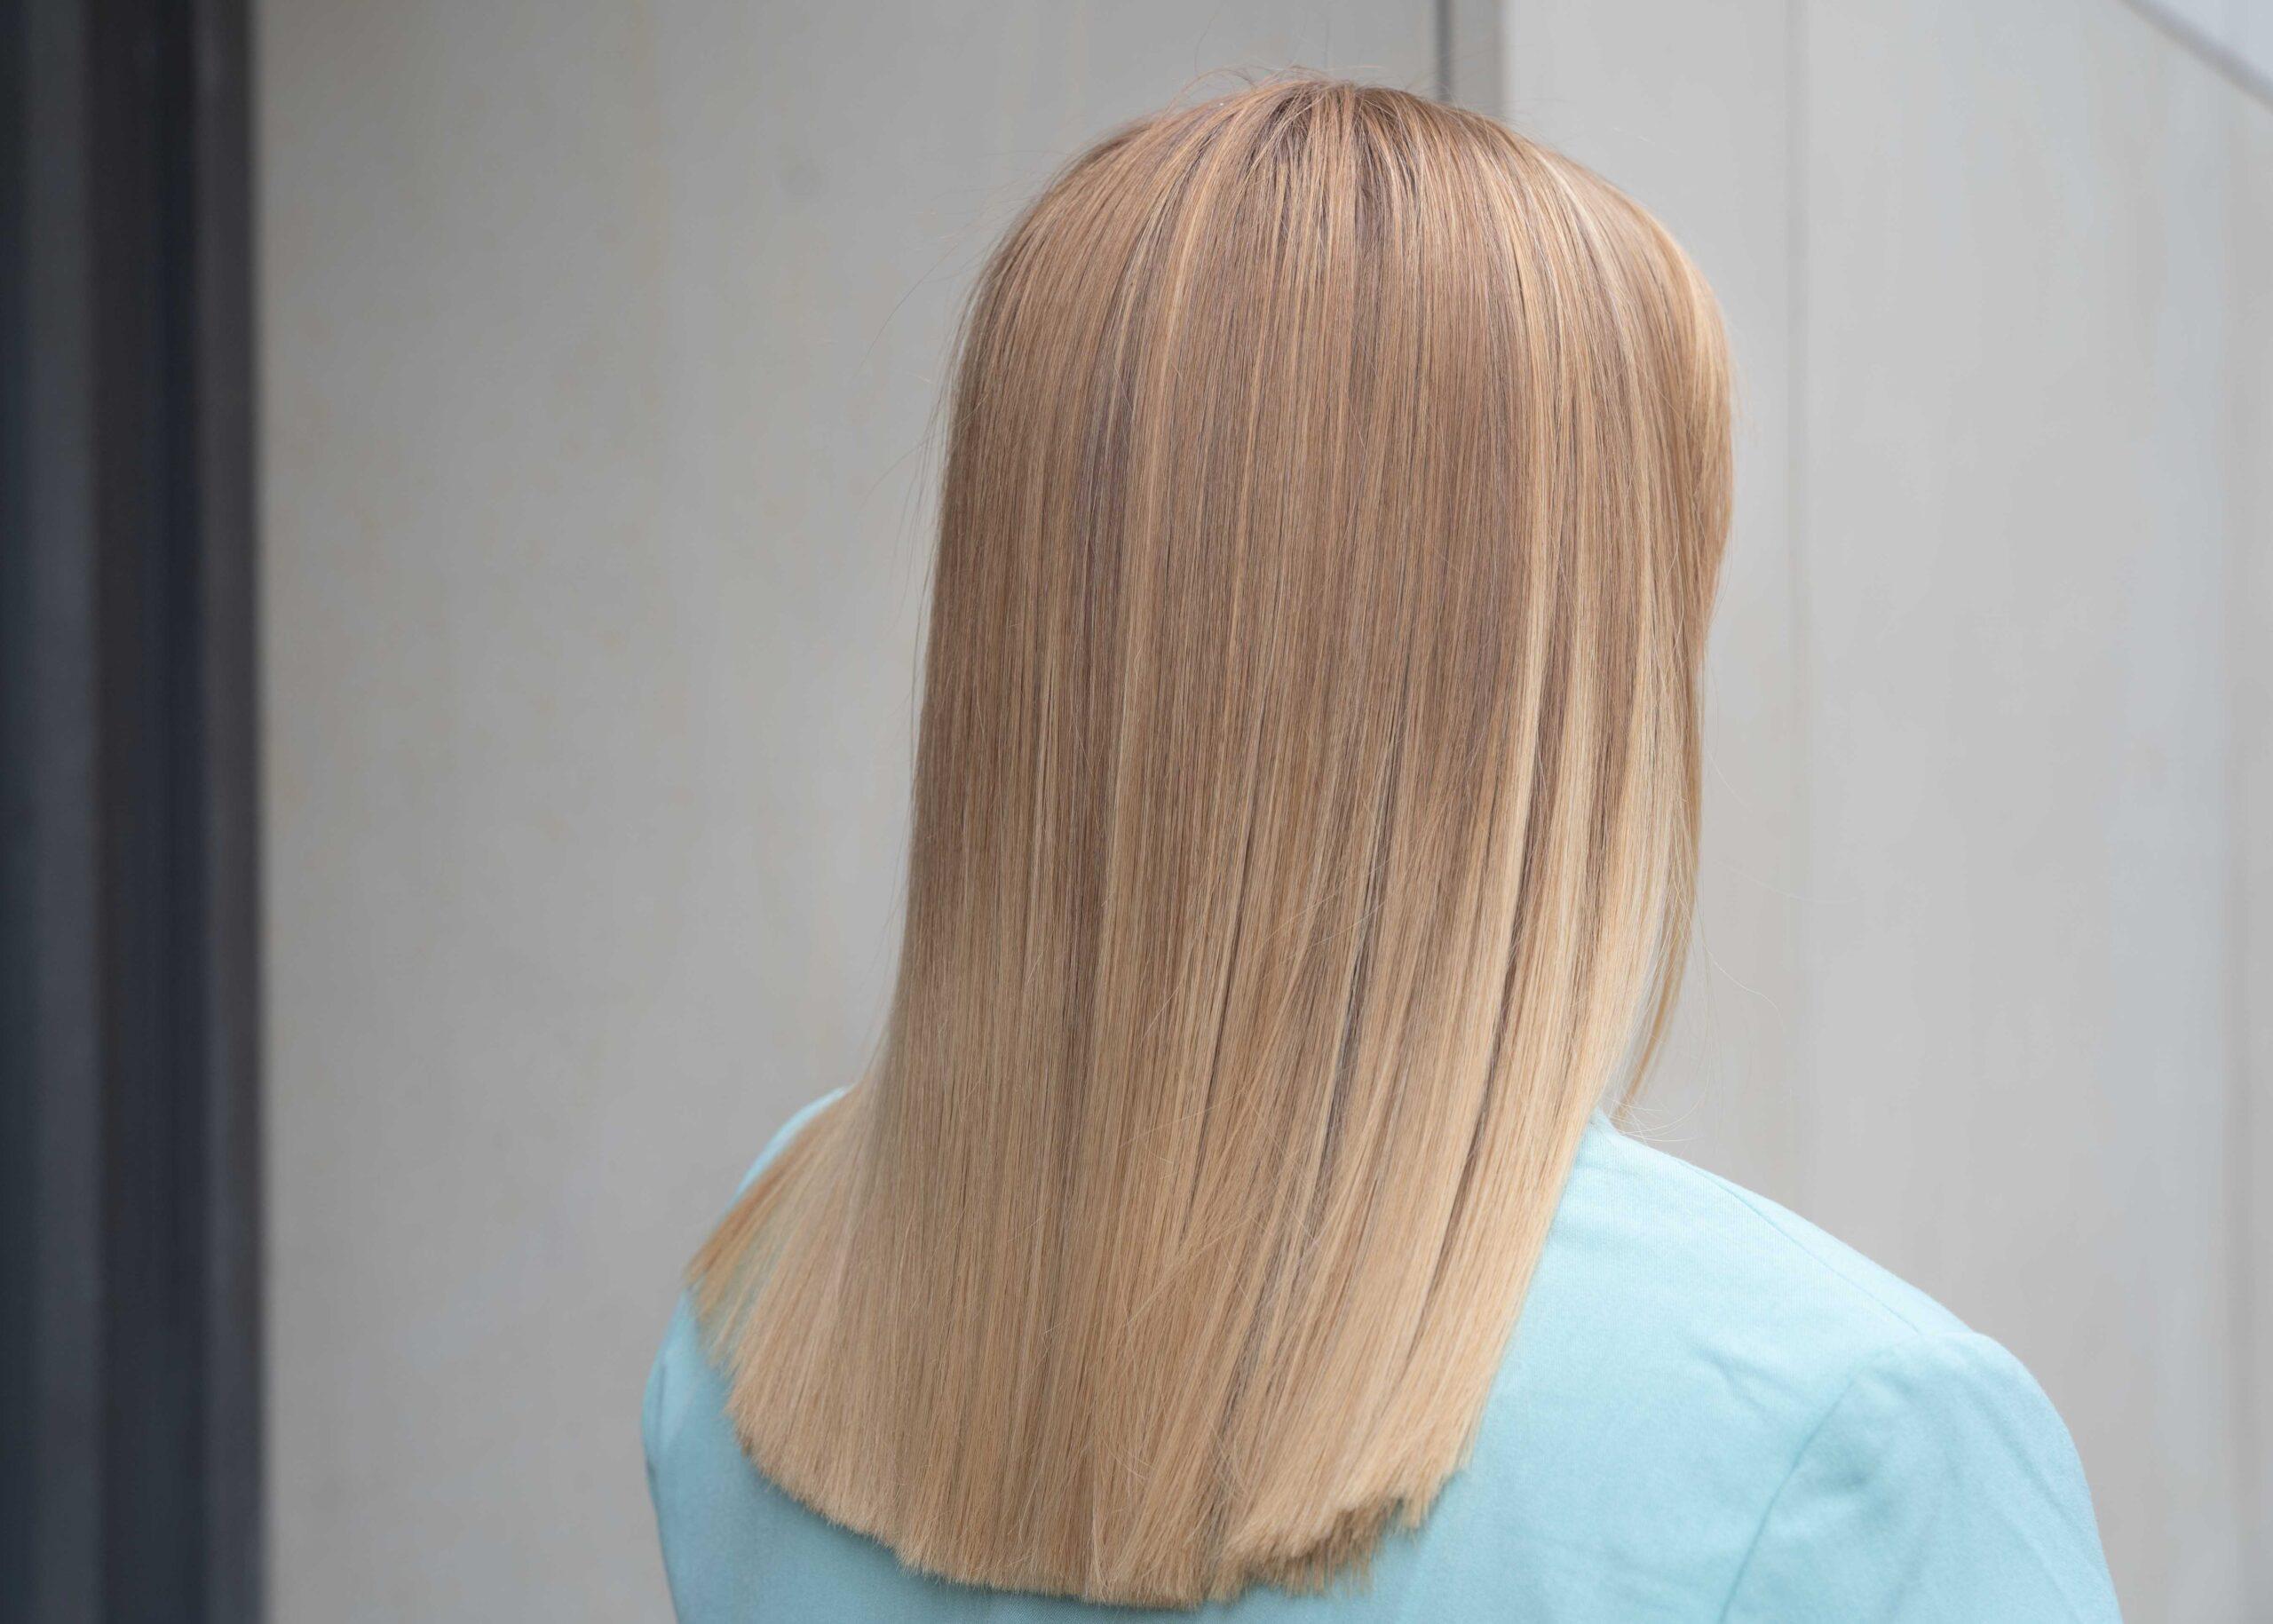 Włosy po keratynowym prostowaniu